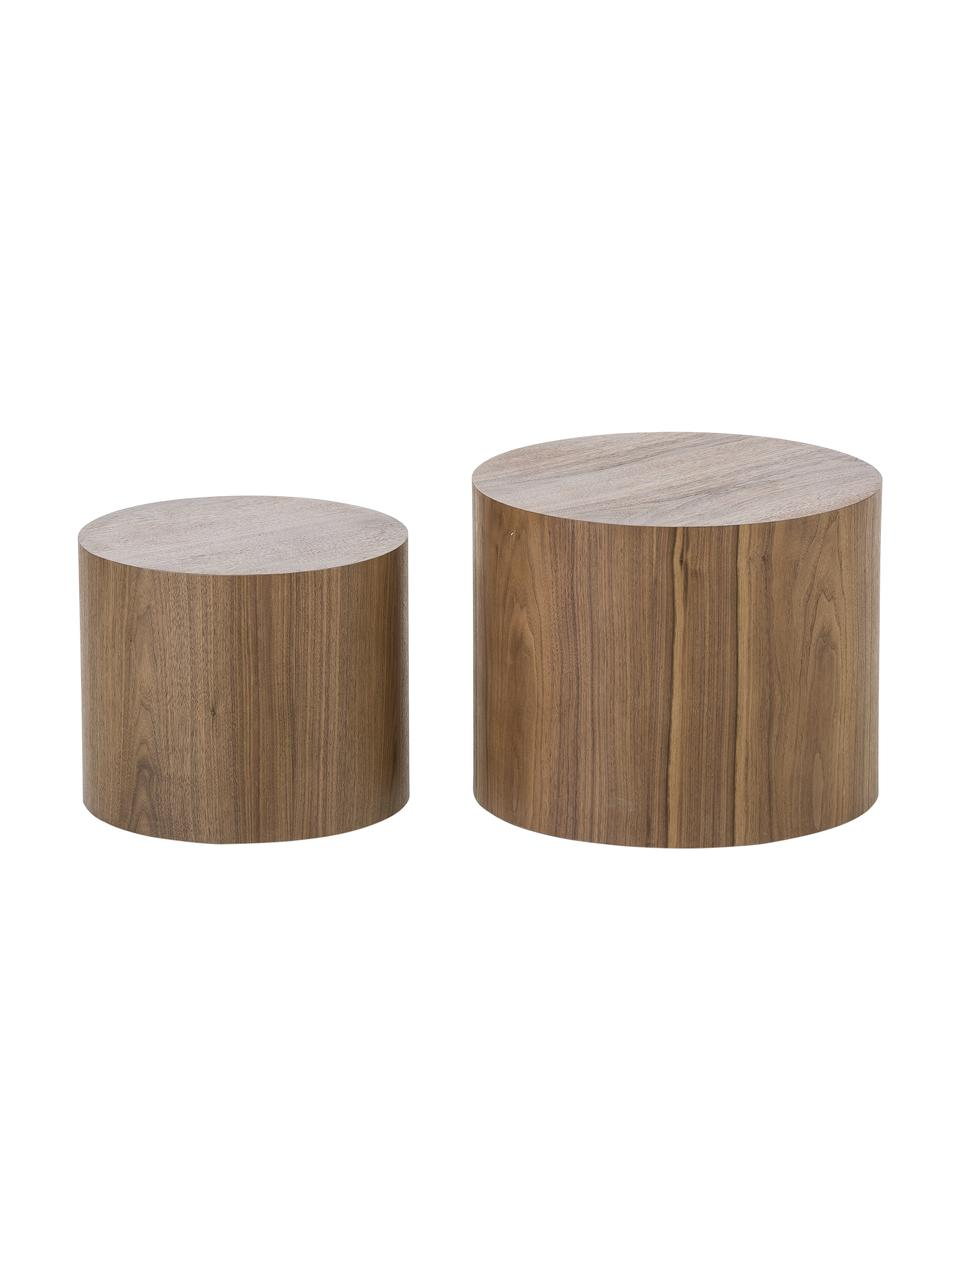 Table d'appoint ronde en bois Dan, 2élém., Aspect noyer